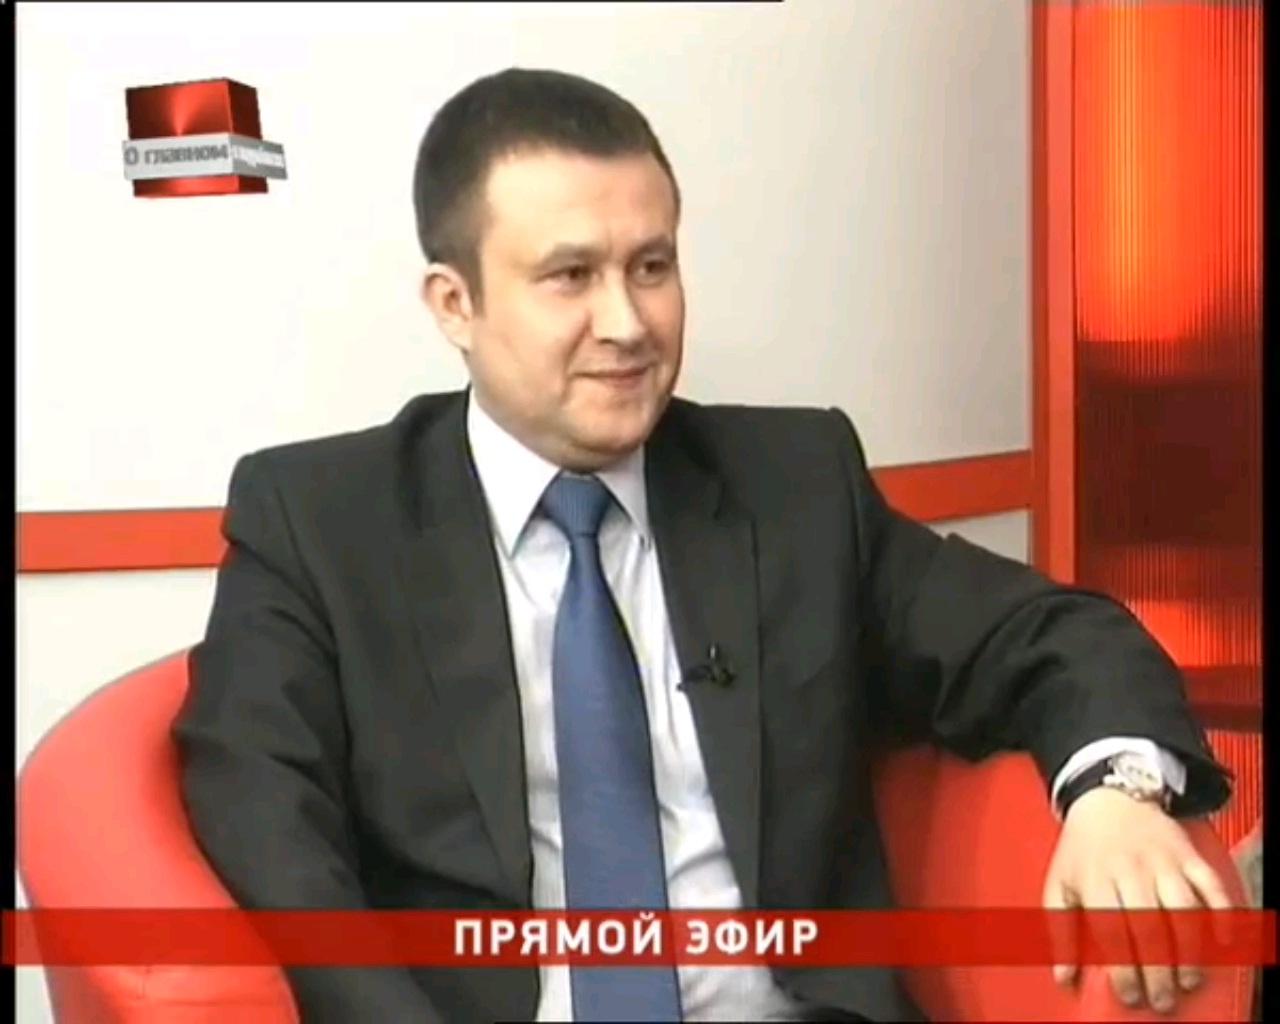 Прямой эфир с директором Брянского фонда микрозаймов